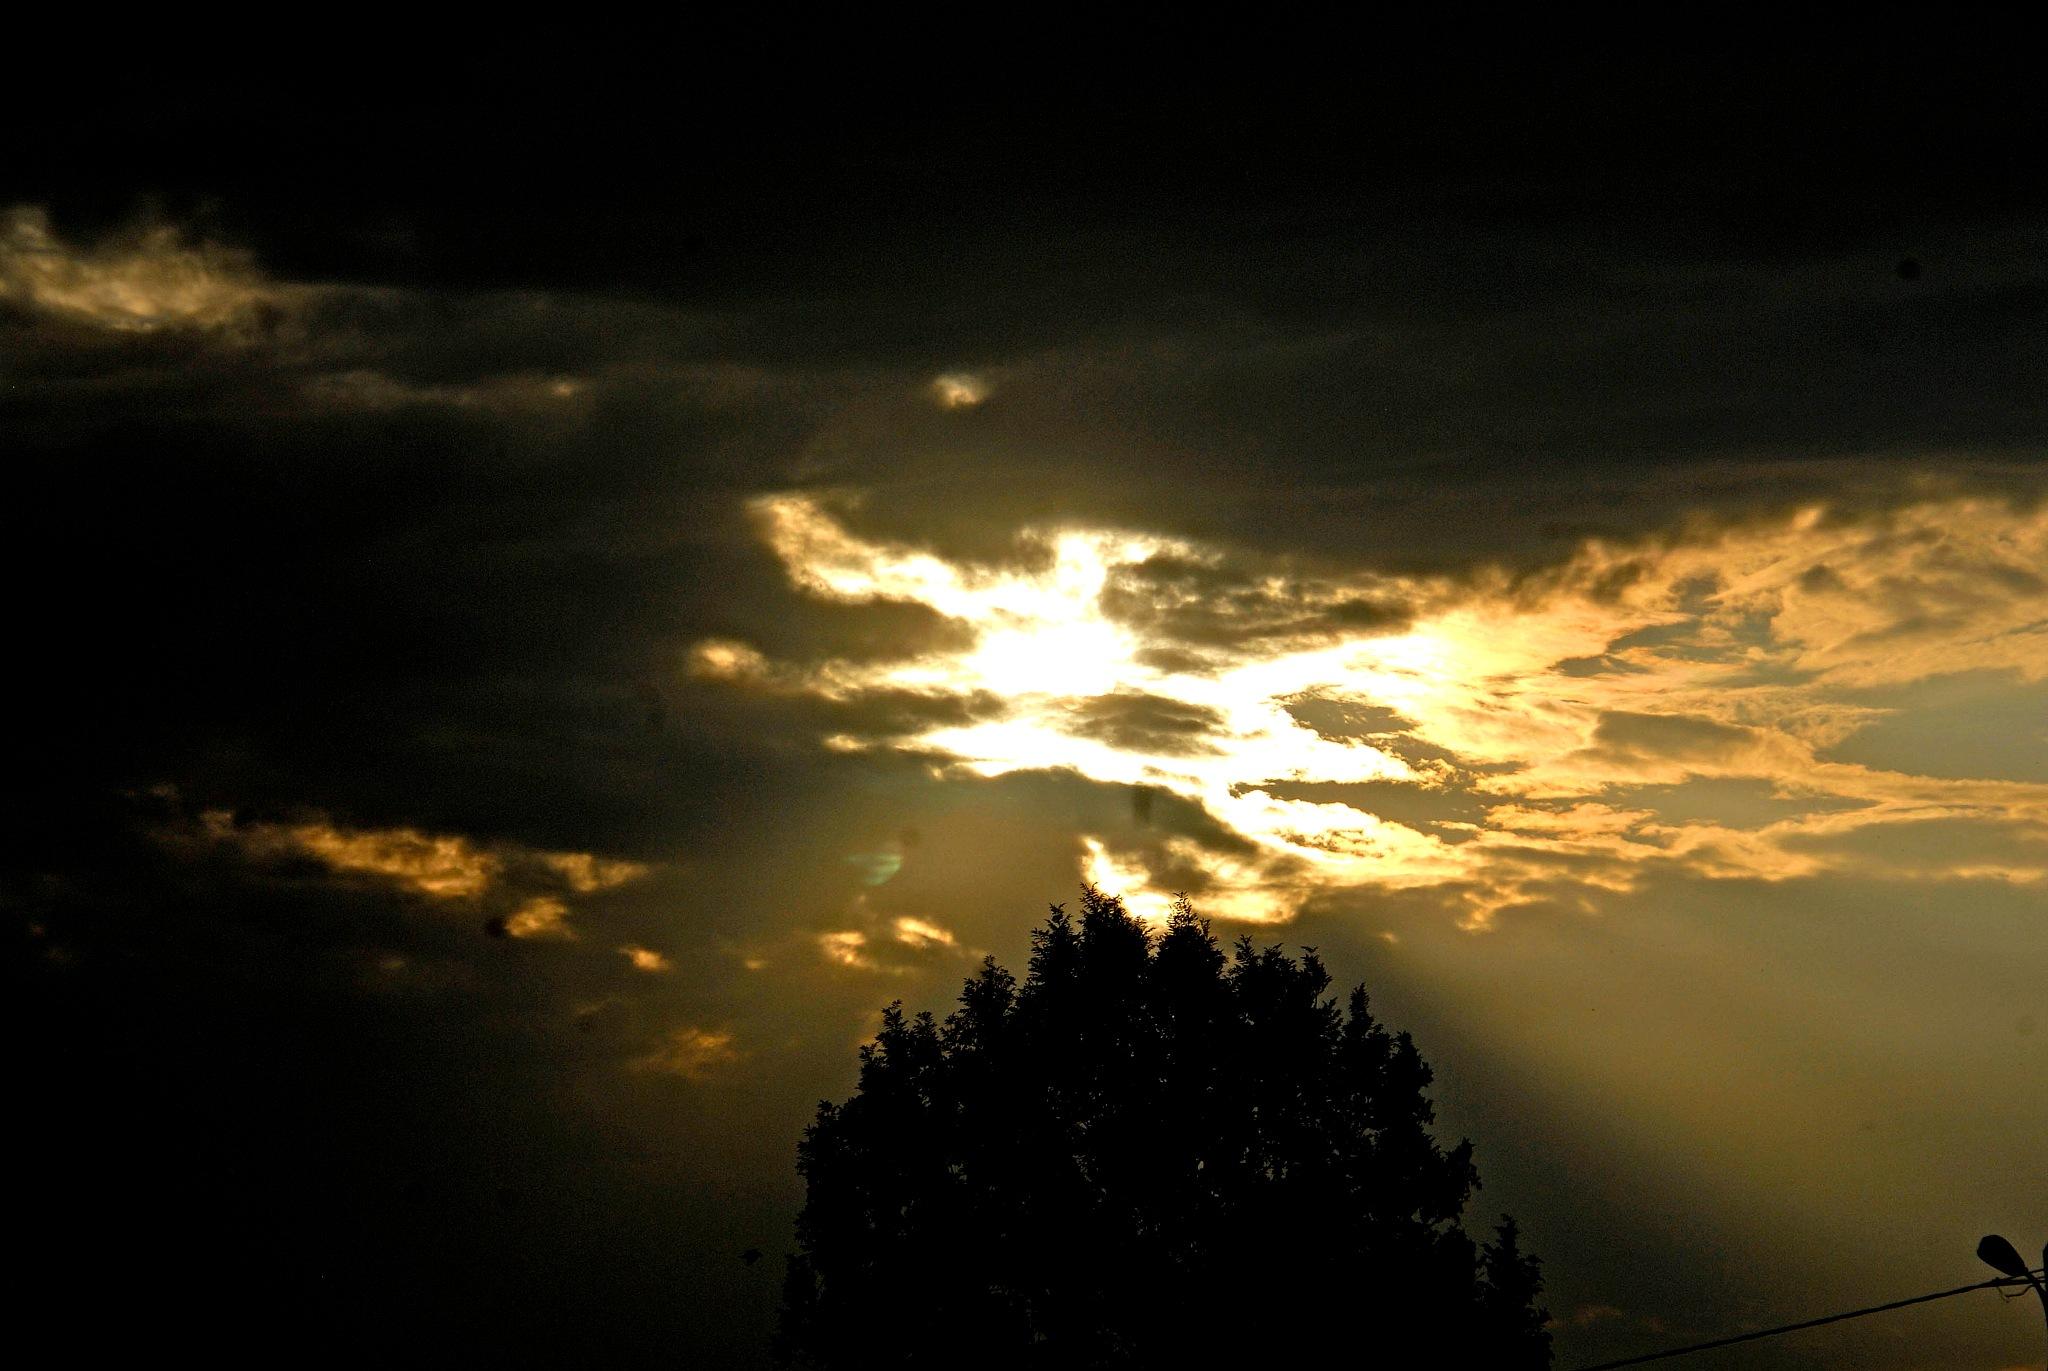 Autumn sky by edmund hirschfeld